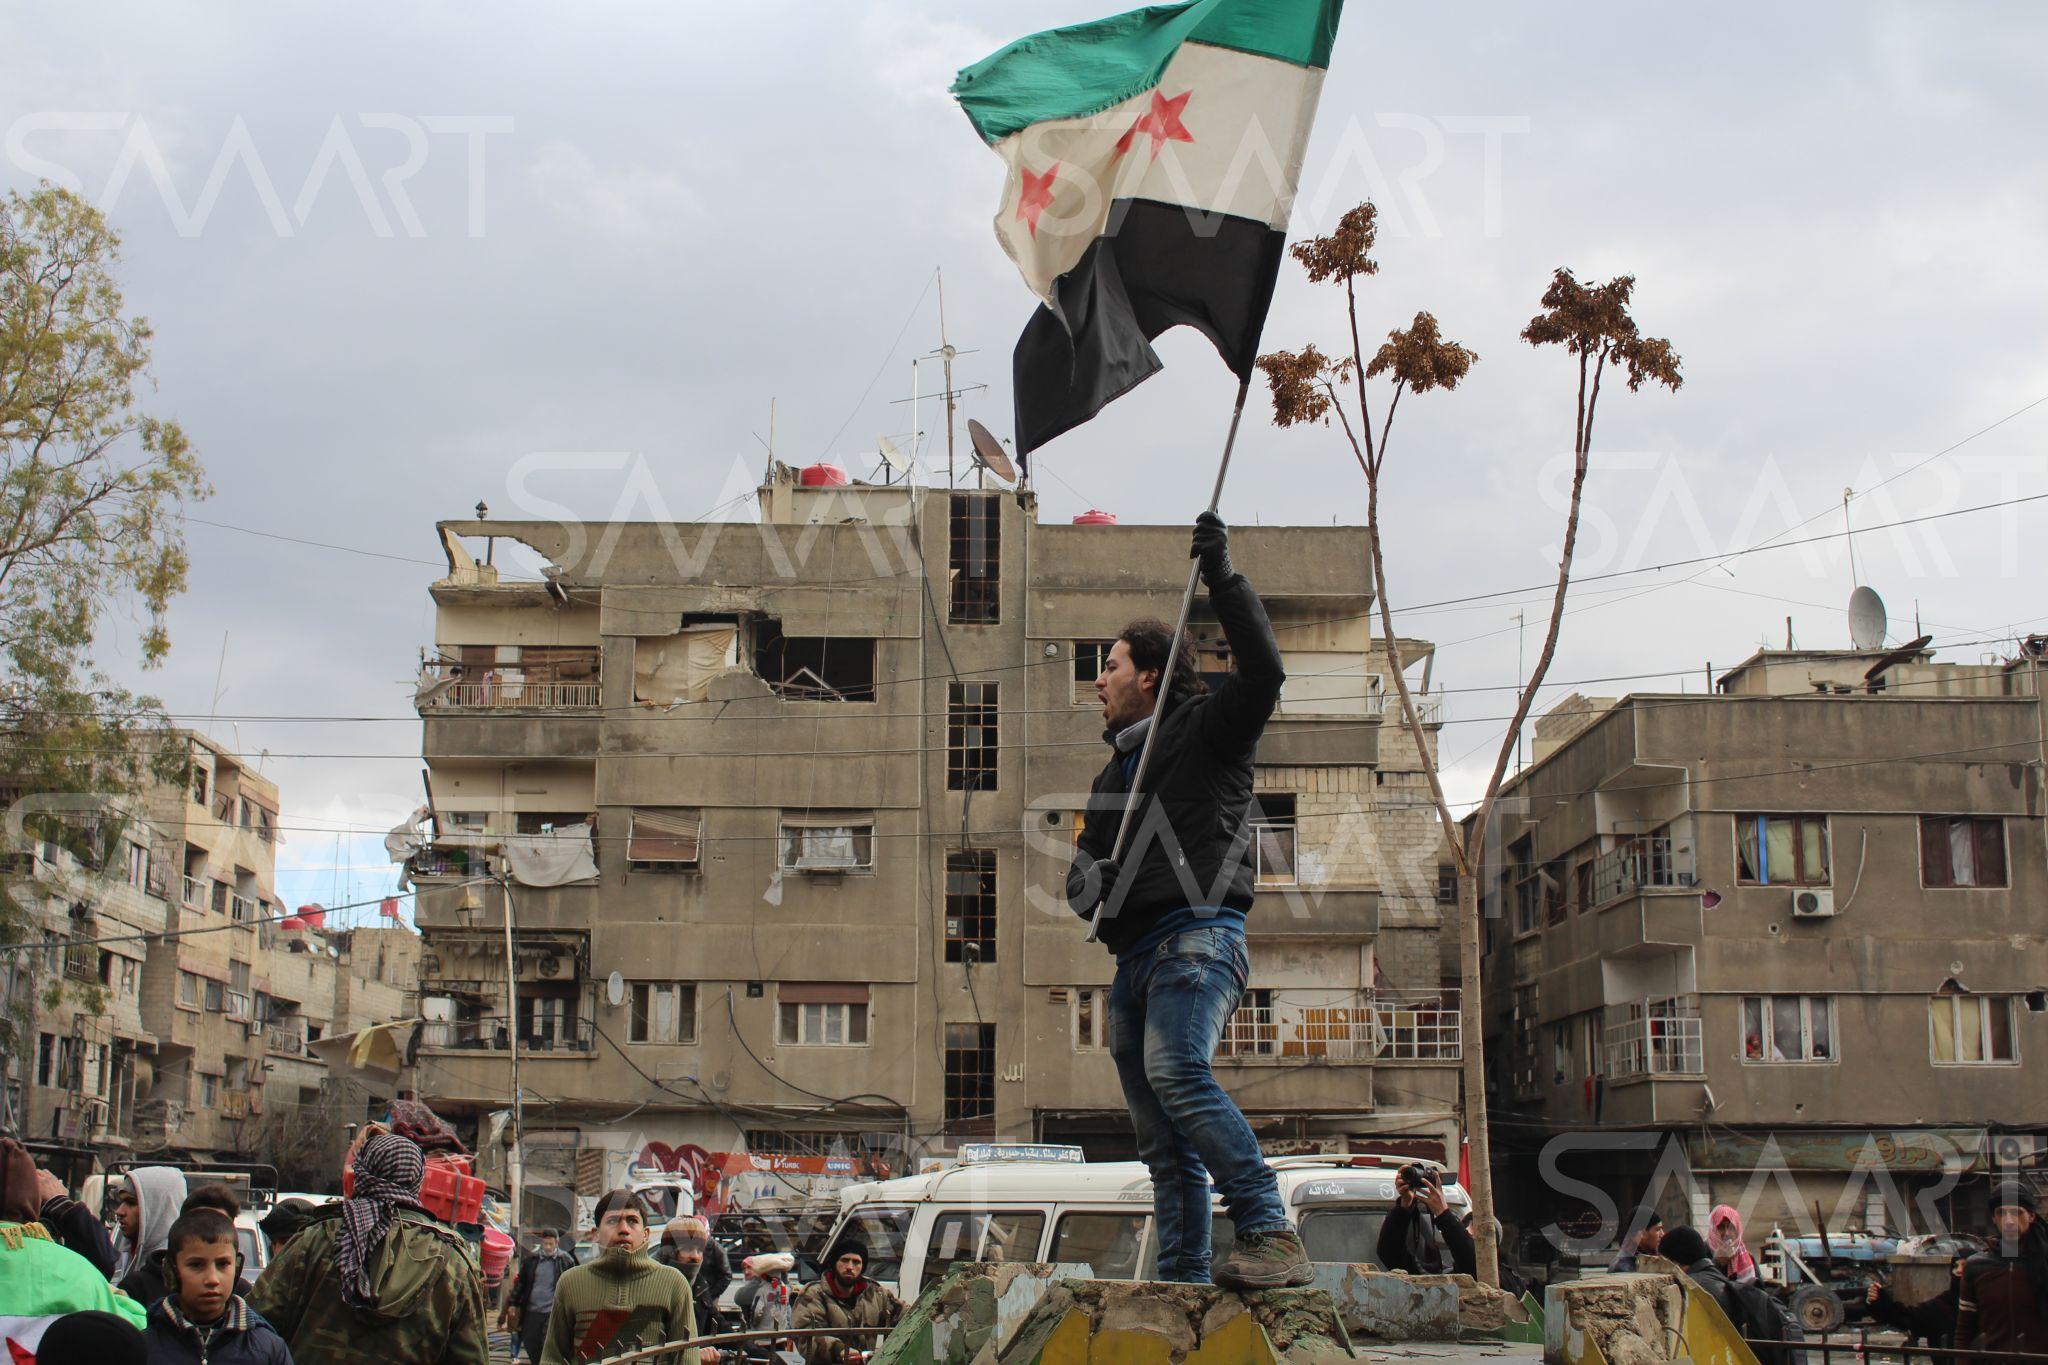 بالصور صور علم الثورة السورية , بوستات لرمز الانتفاضة 4077 8